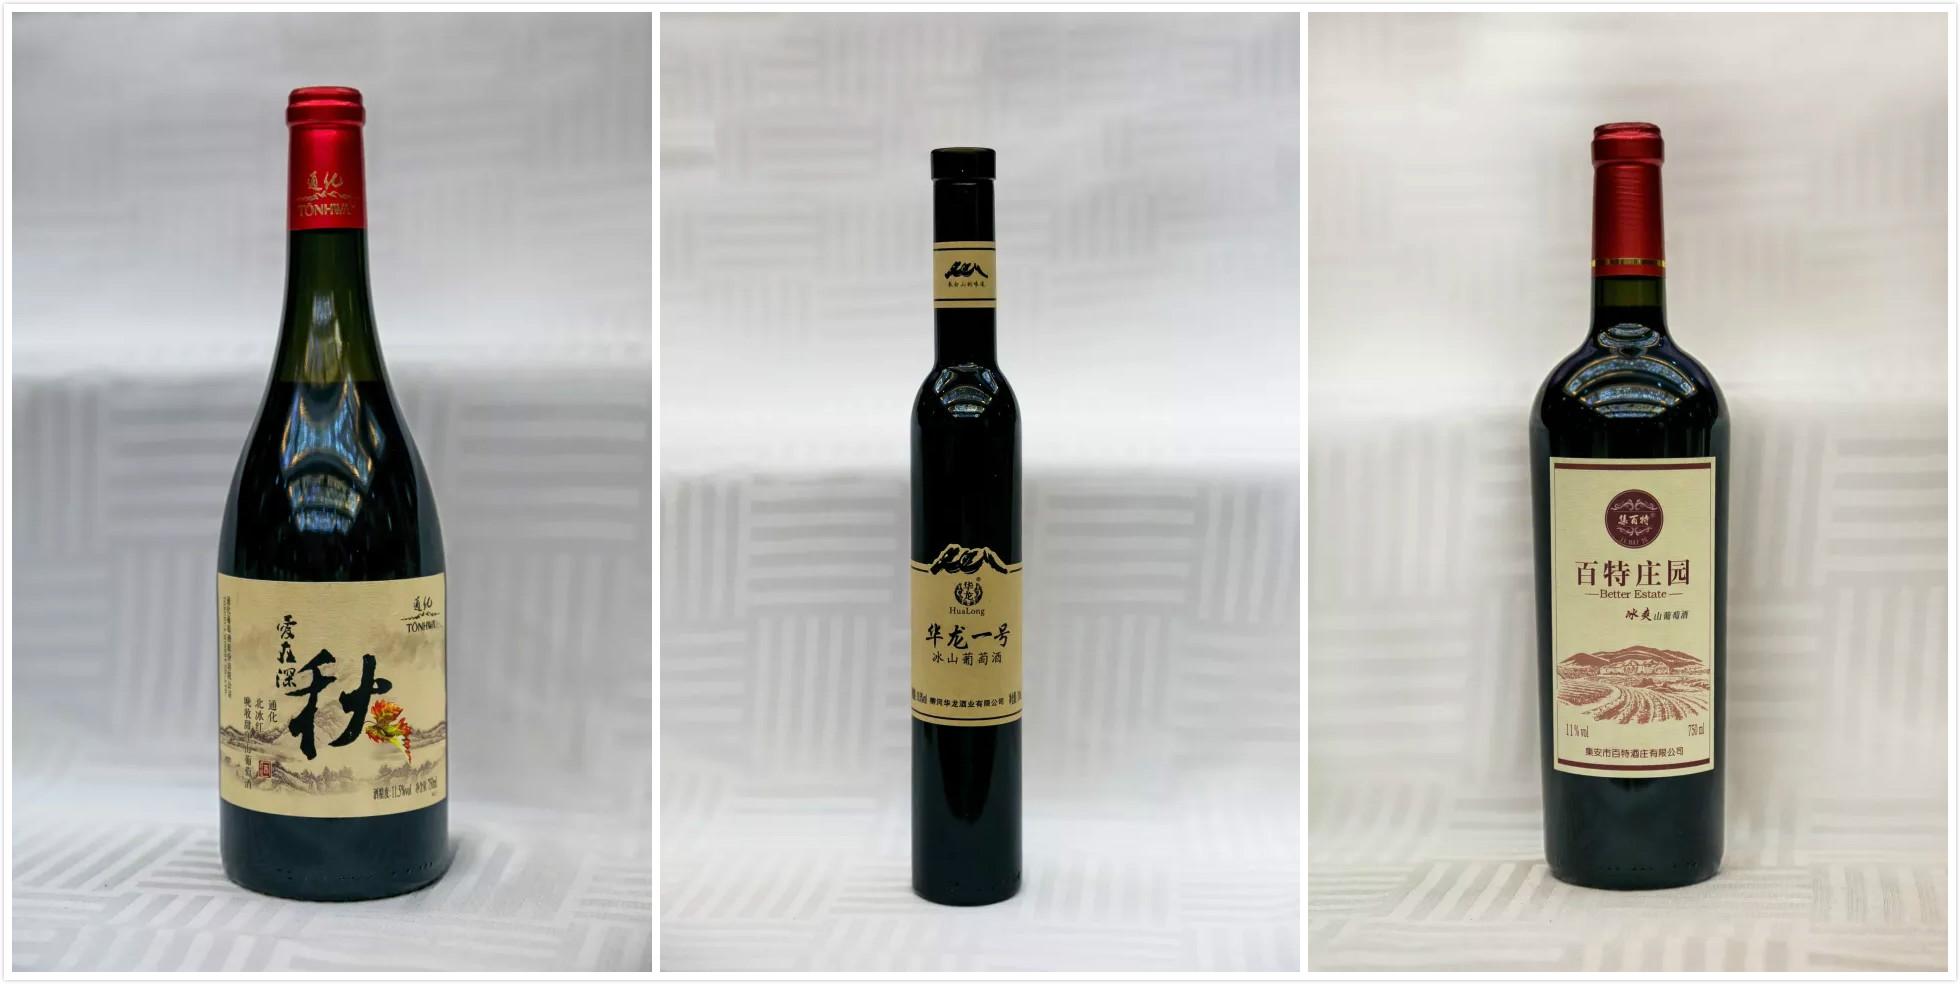 """首届""""中国•通化杯""""世界甜葡萄酒大赛成绩出炉!通化产区获得1金1银3铜!"""